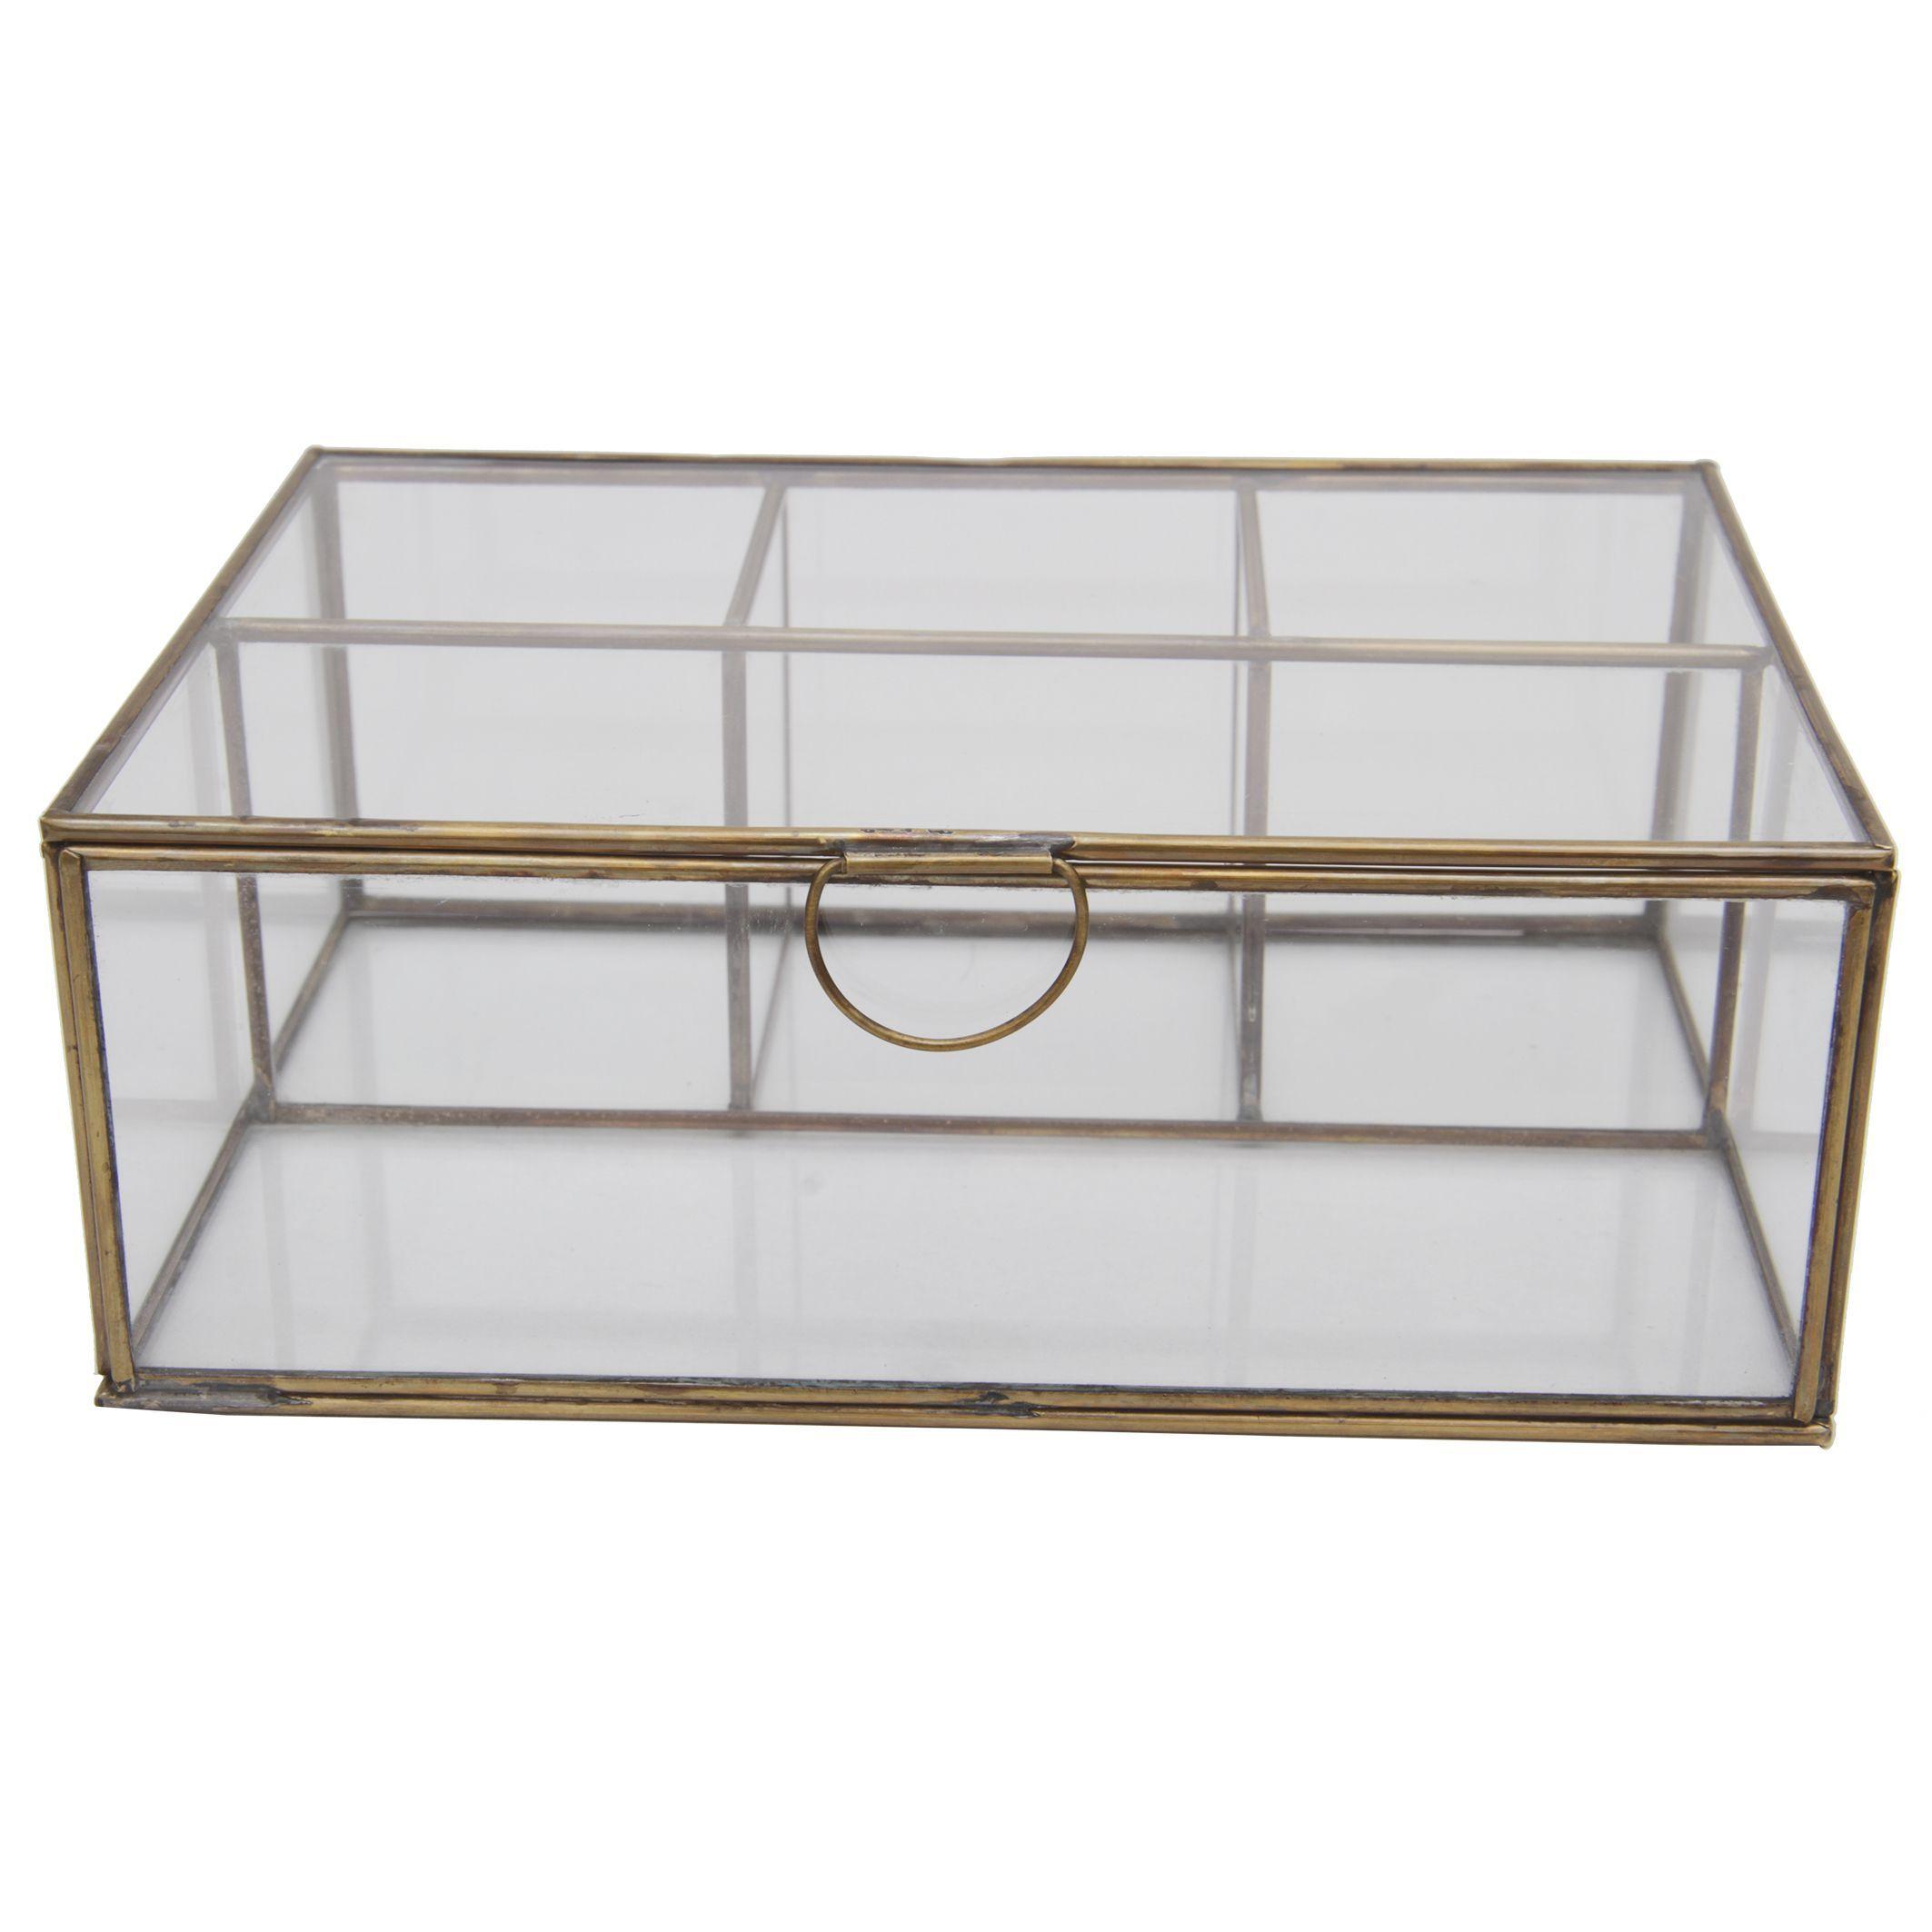 541f928df3b Decorative Brass-trimmed Glass Box